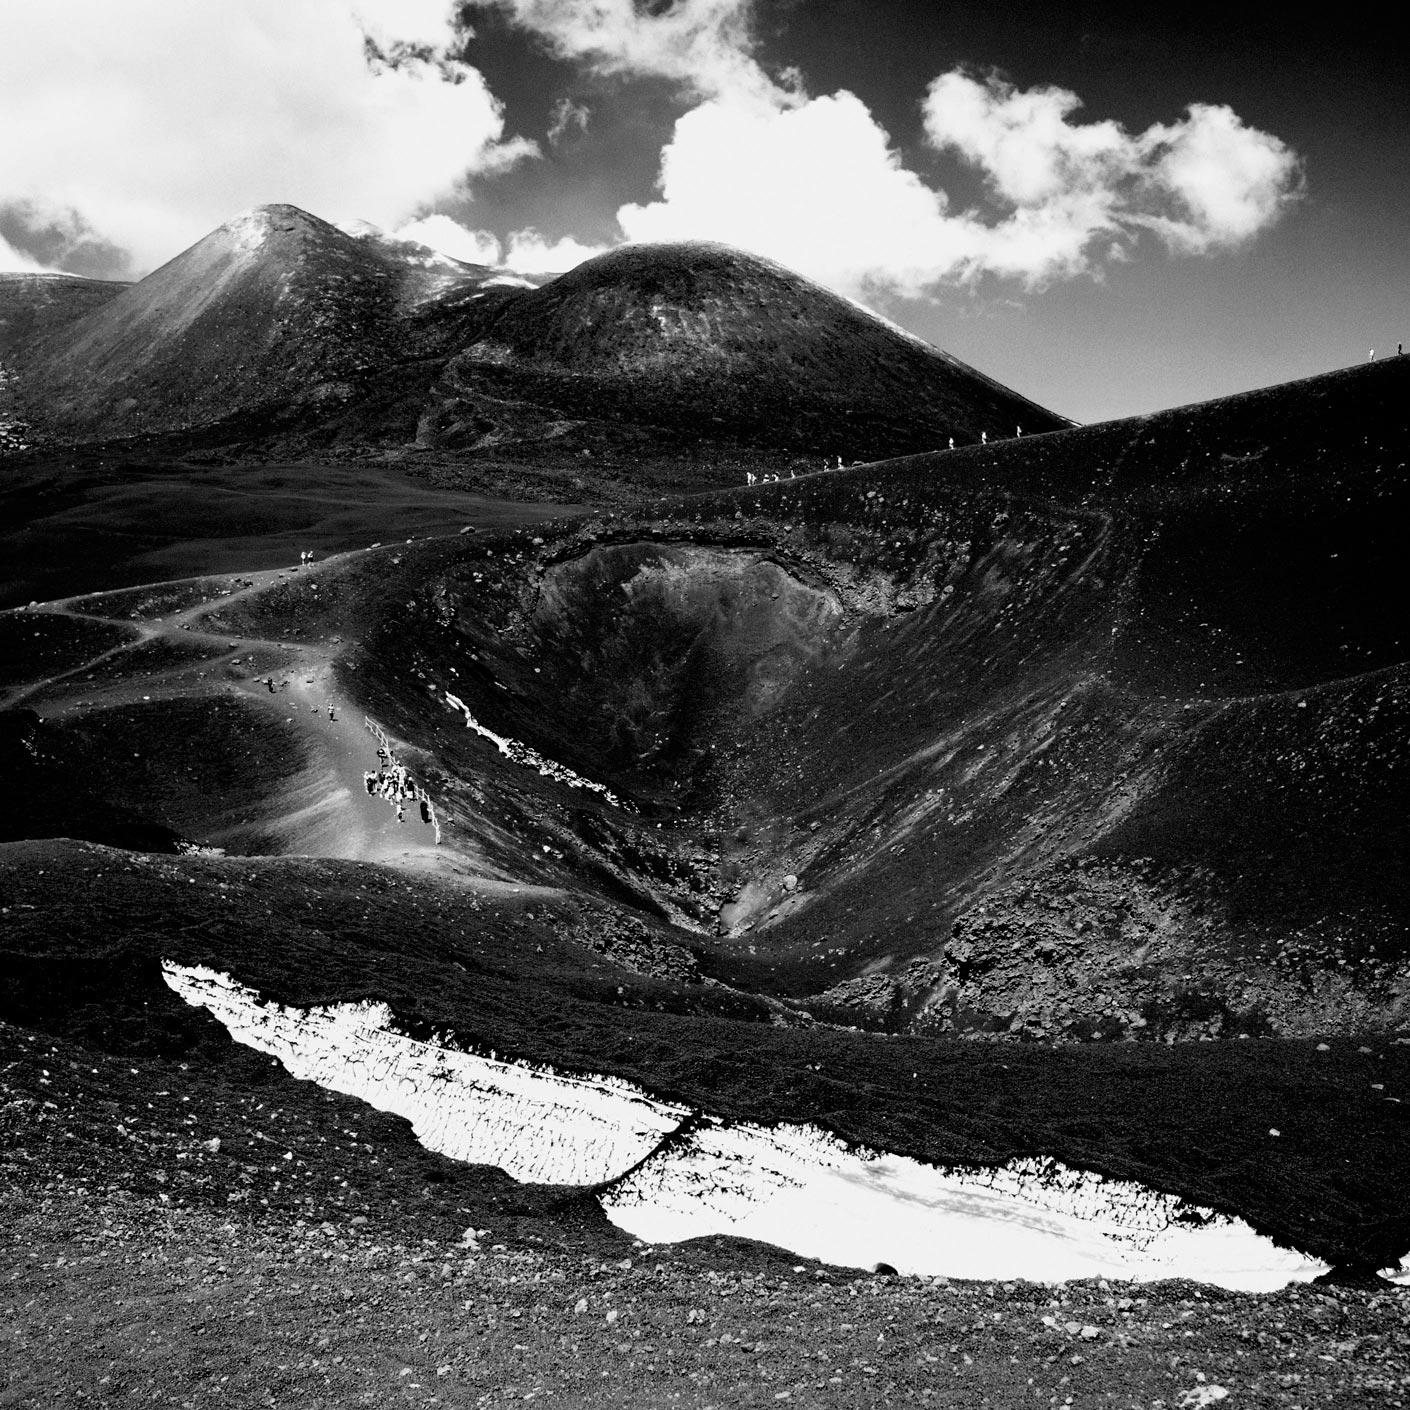 Photographie d'art de l'Etna, paysage lunaire